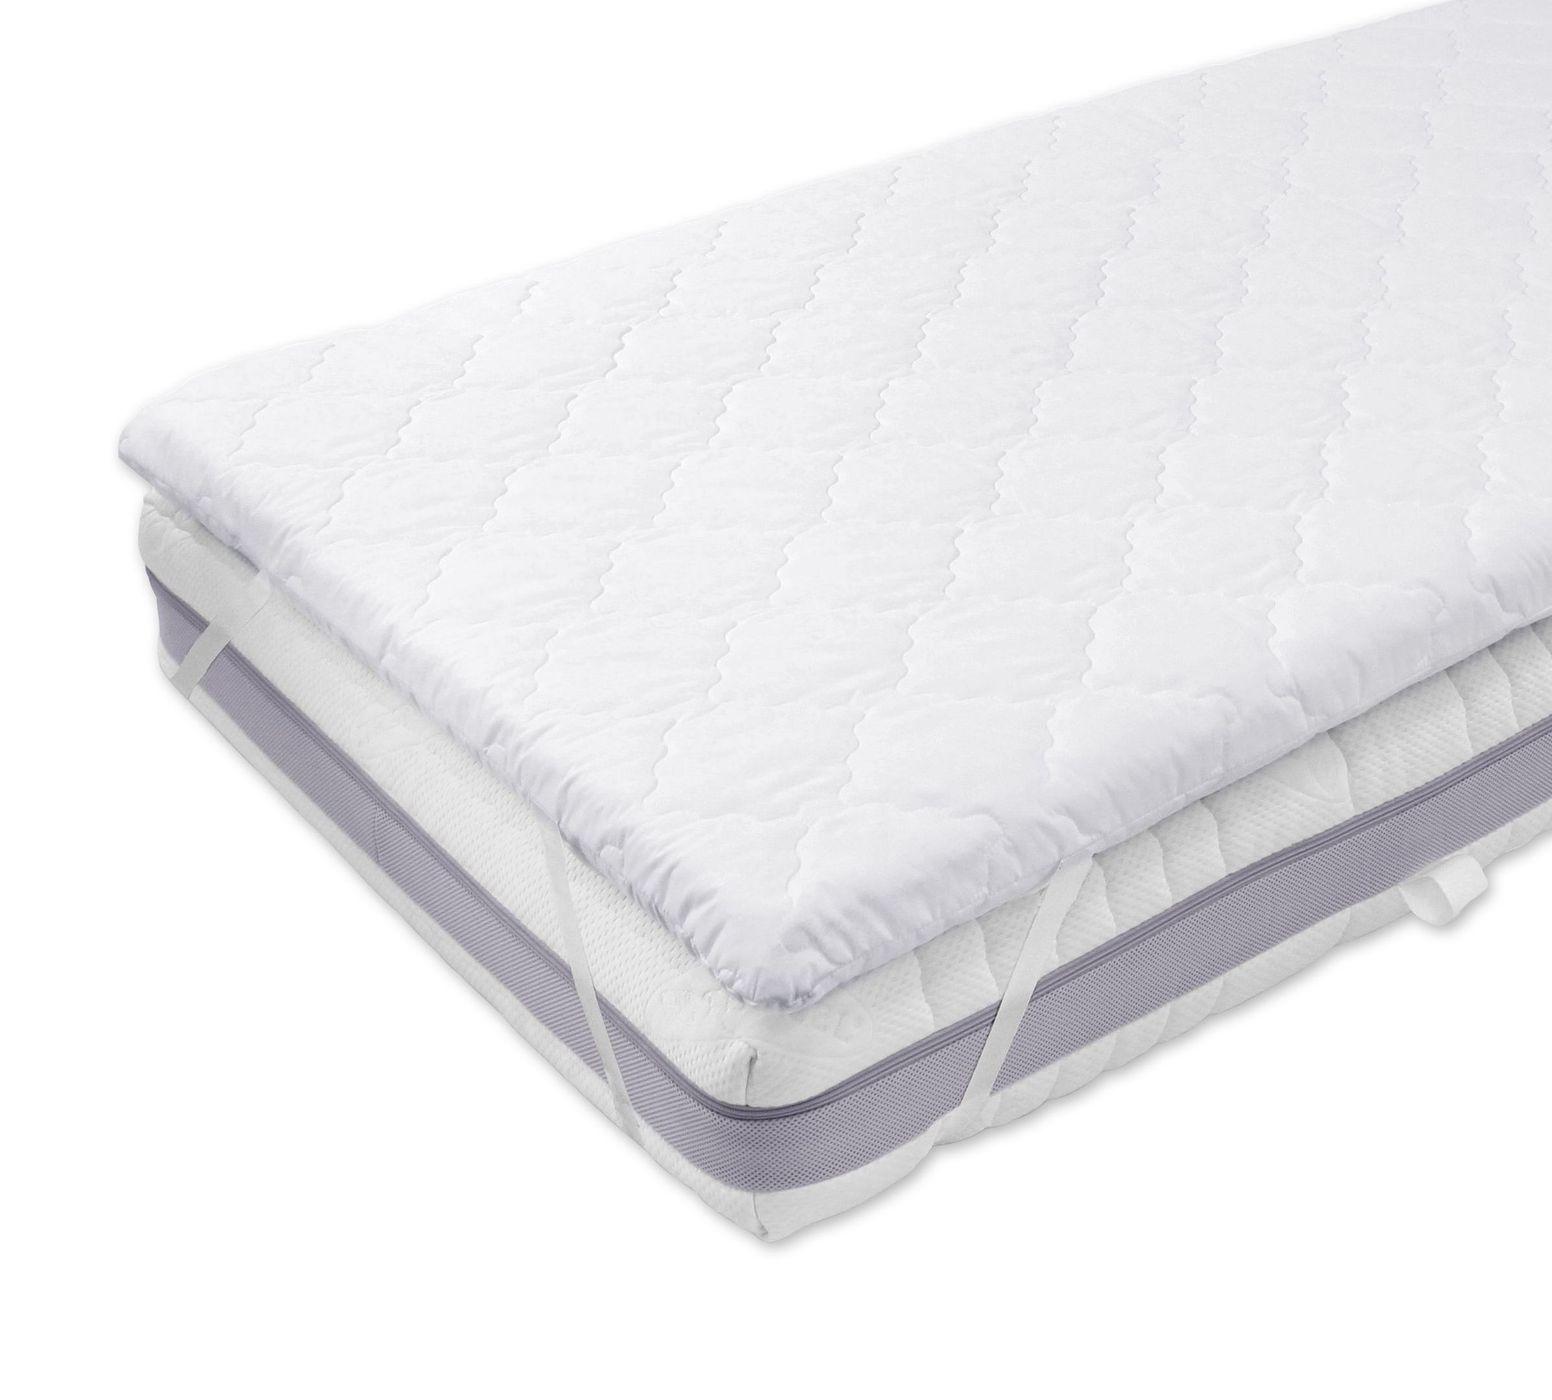 elastischer gel topper 6 cm mit spanngummis cleversleep soft. Black Bedroom Furniture Sets. Home Design Ideas